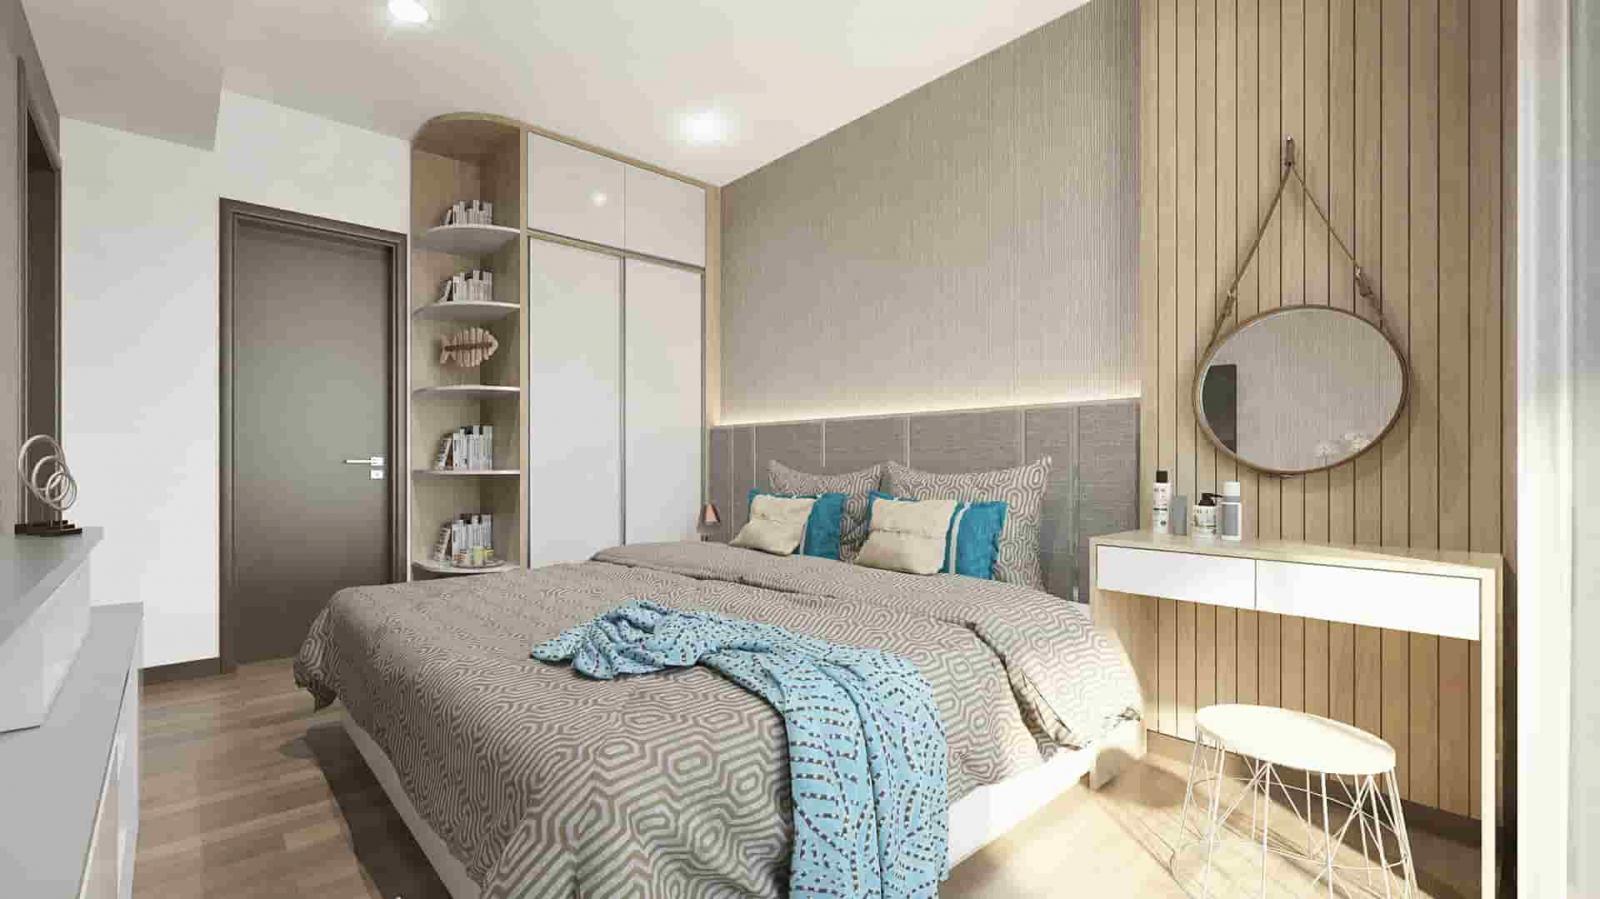 Gói dịch vụ thiết kế nội thất phòng khách nhà ở chung cư cao cấp đẹp giá rẻ tphcm